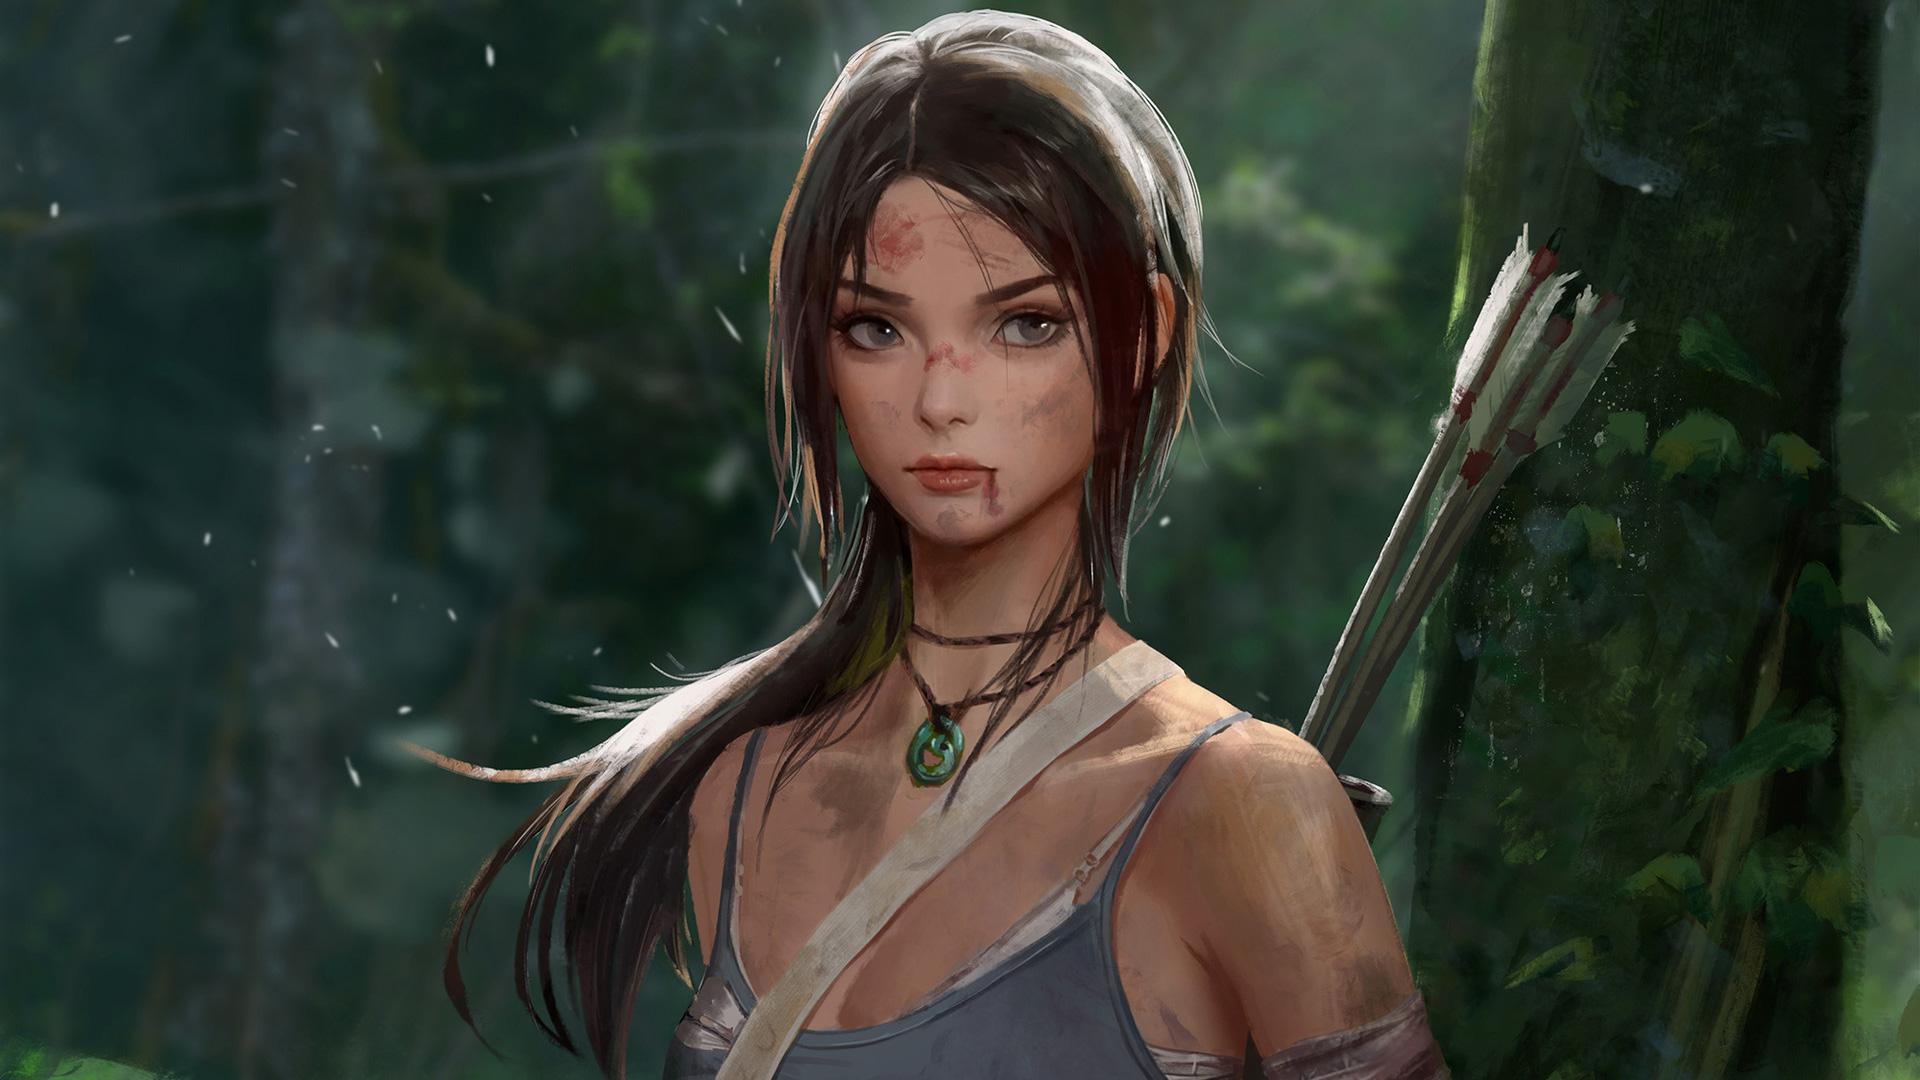 3840x2160 Lara Croft Tomb Raider Artwork 4k Hd 4k: 1920x1080 Tomb Raider Lara Croft Artwork Laptop Full HD